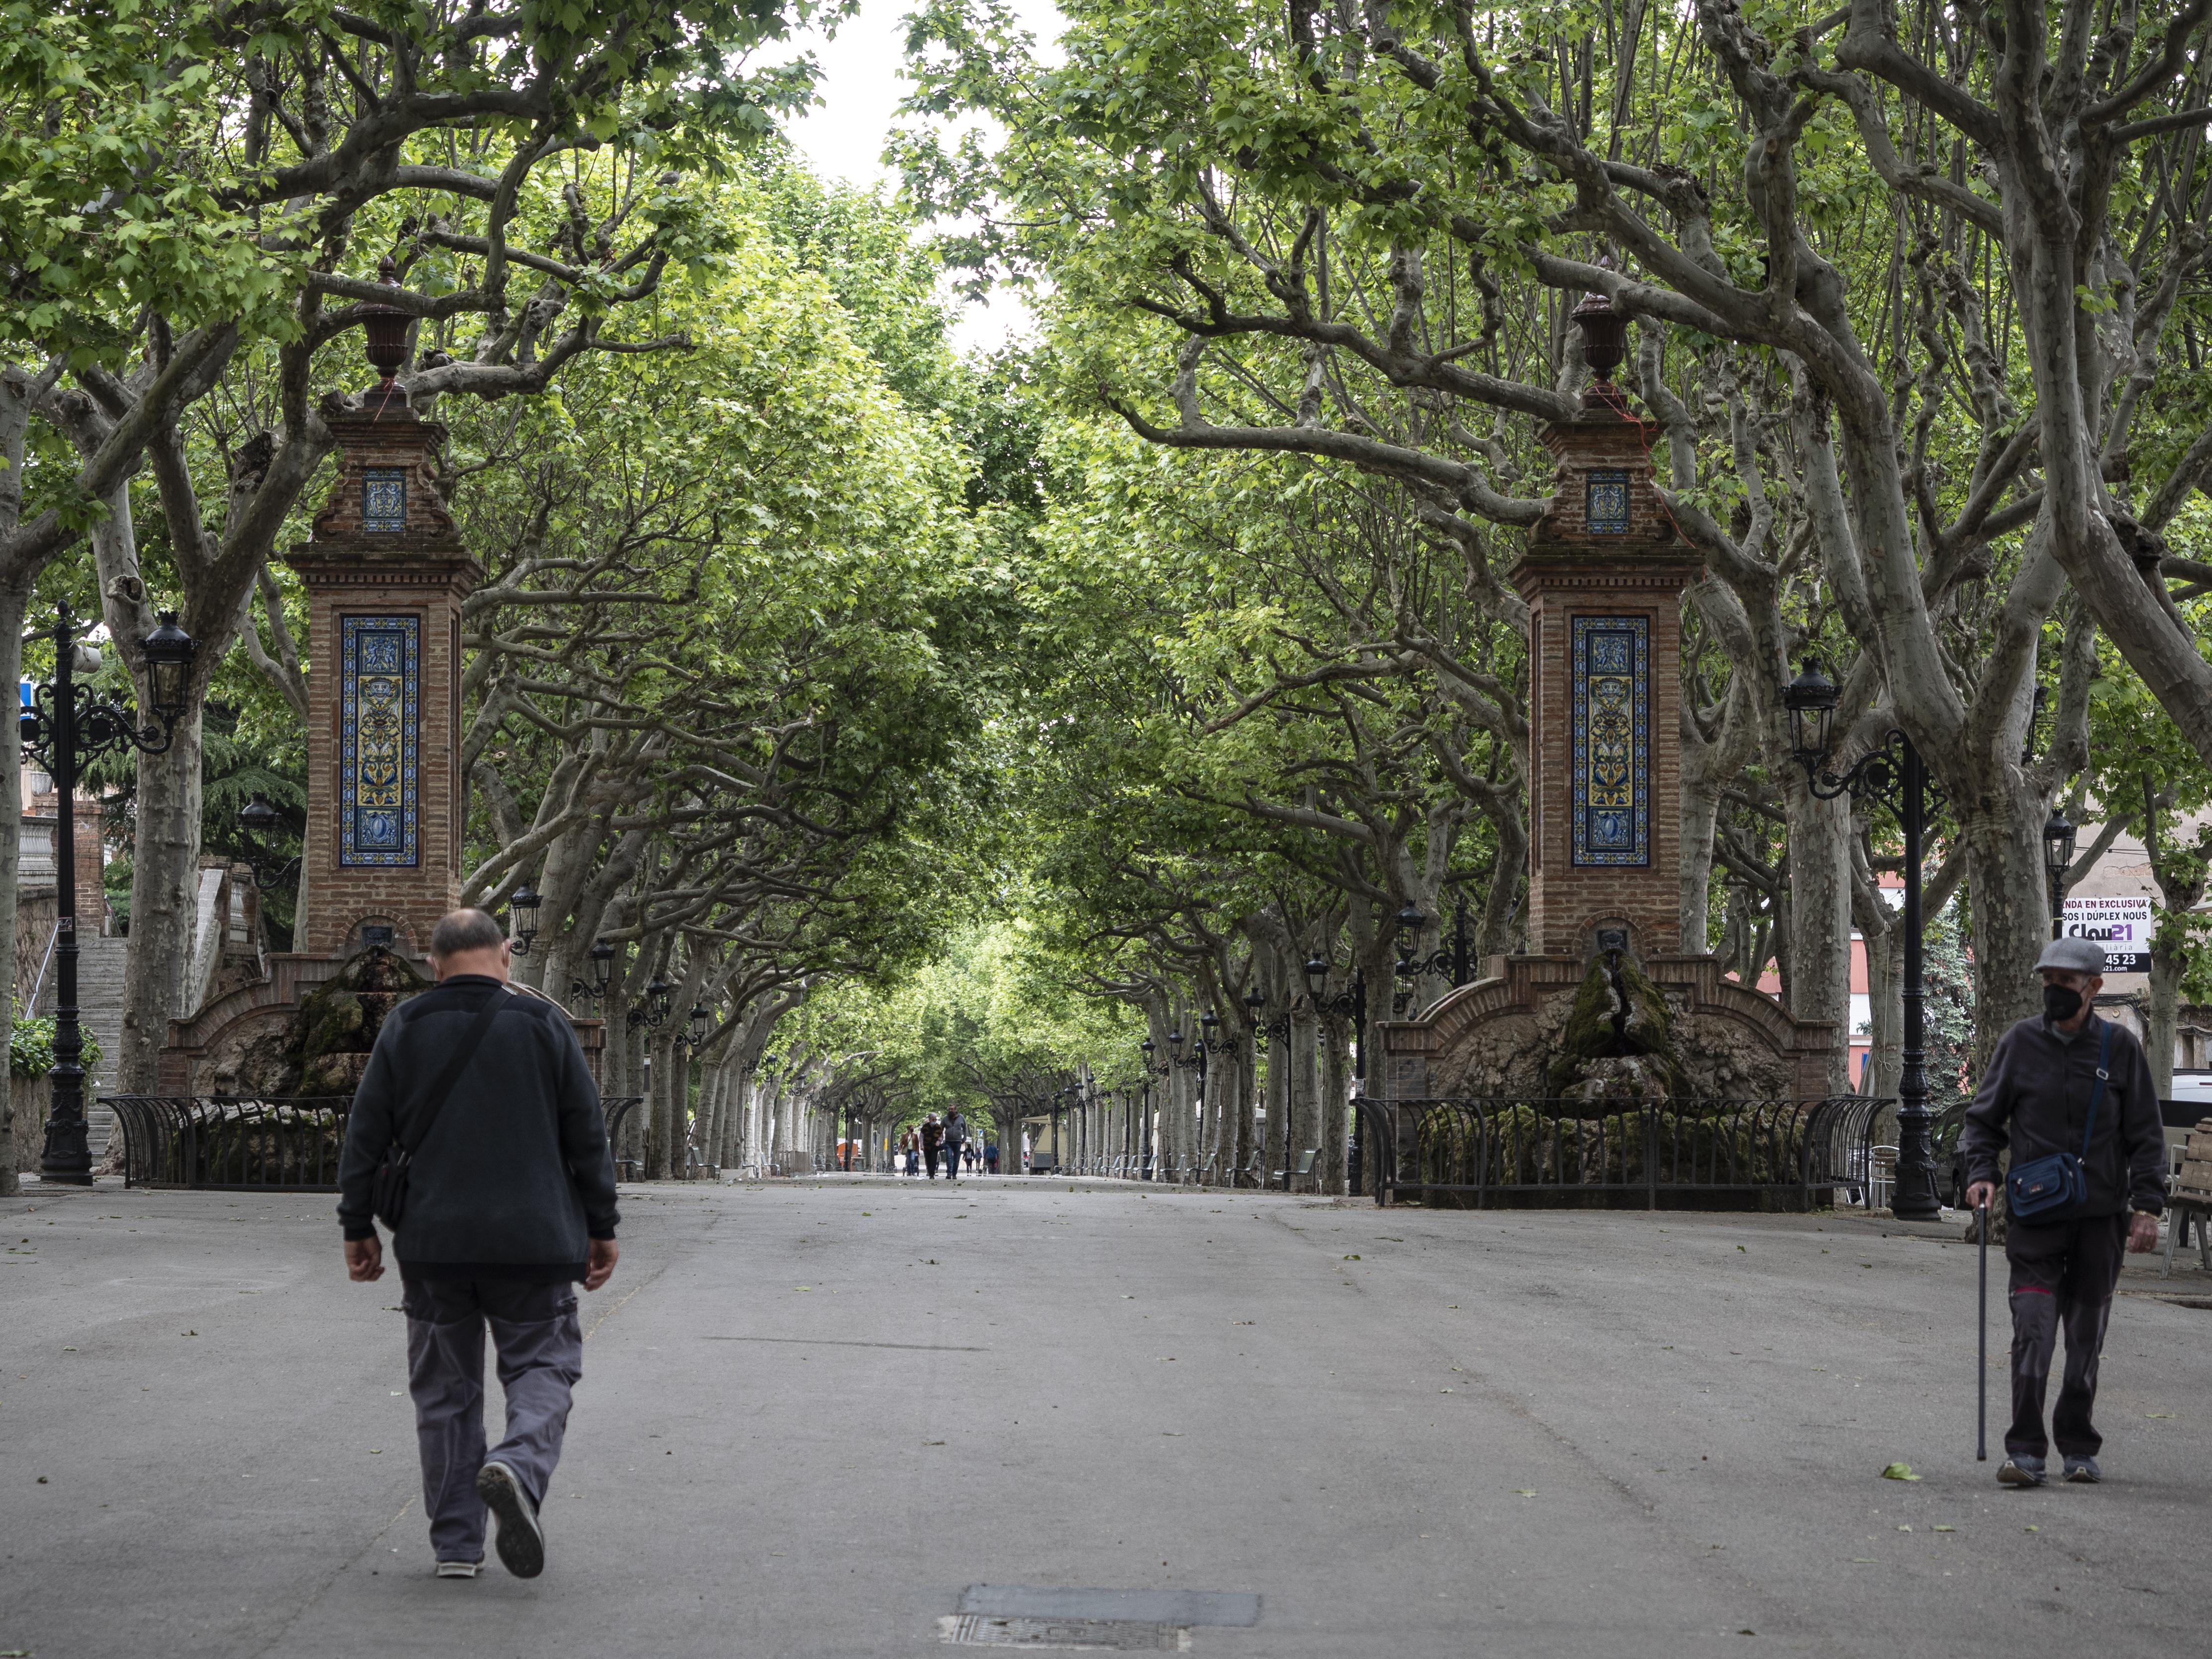 La Plaça Viladomat lloc on es fa la prova dels fuets de la Patum el dia de Els Quatre Fuets. FOTO: Anna E. Puig